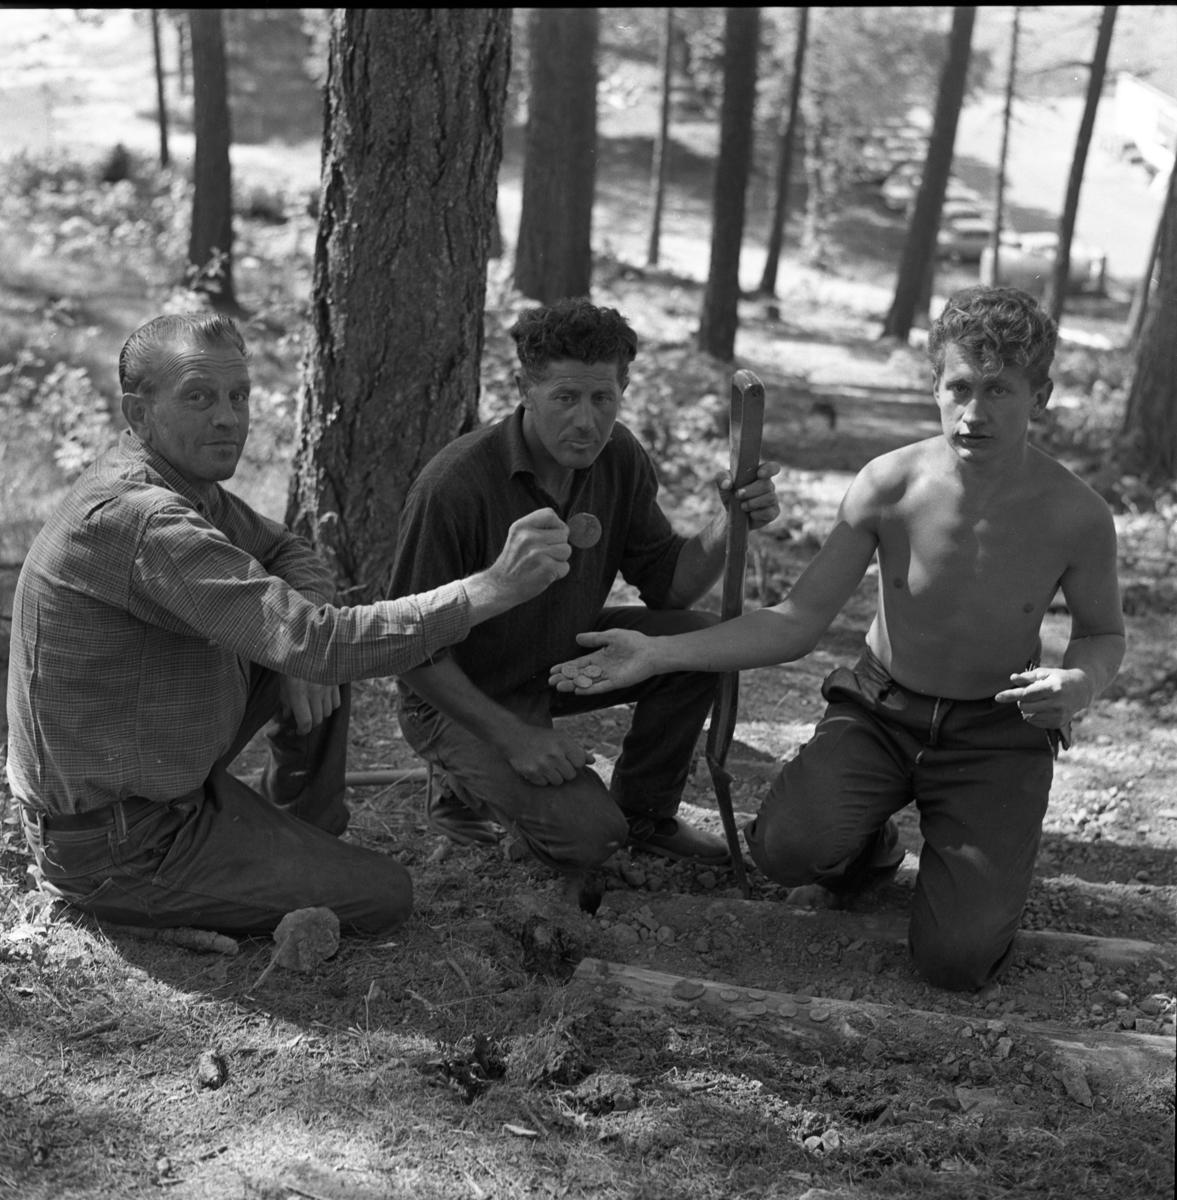 Tre män har funnit gamla mynt strax norr om ålderdomshemmet. Två av dem håller i mynt, den tredje håller i en spade.